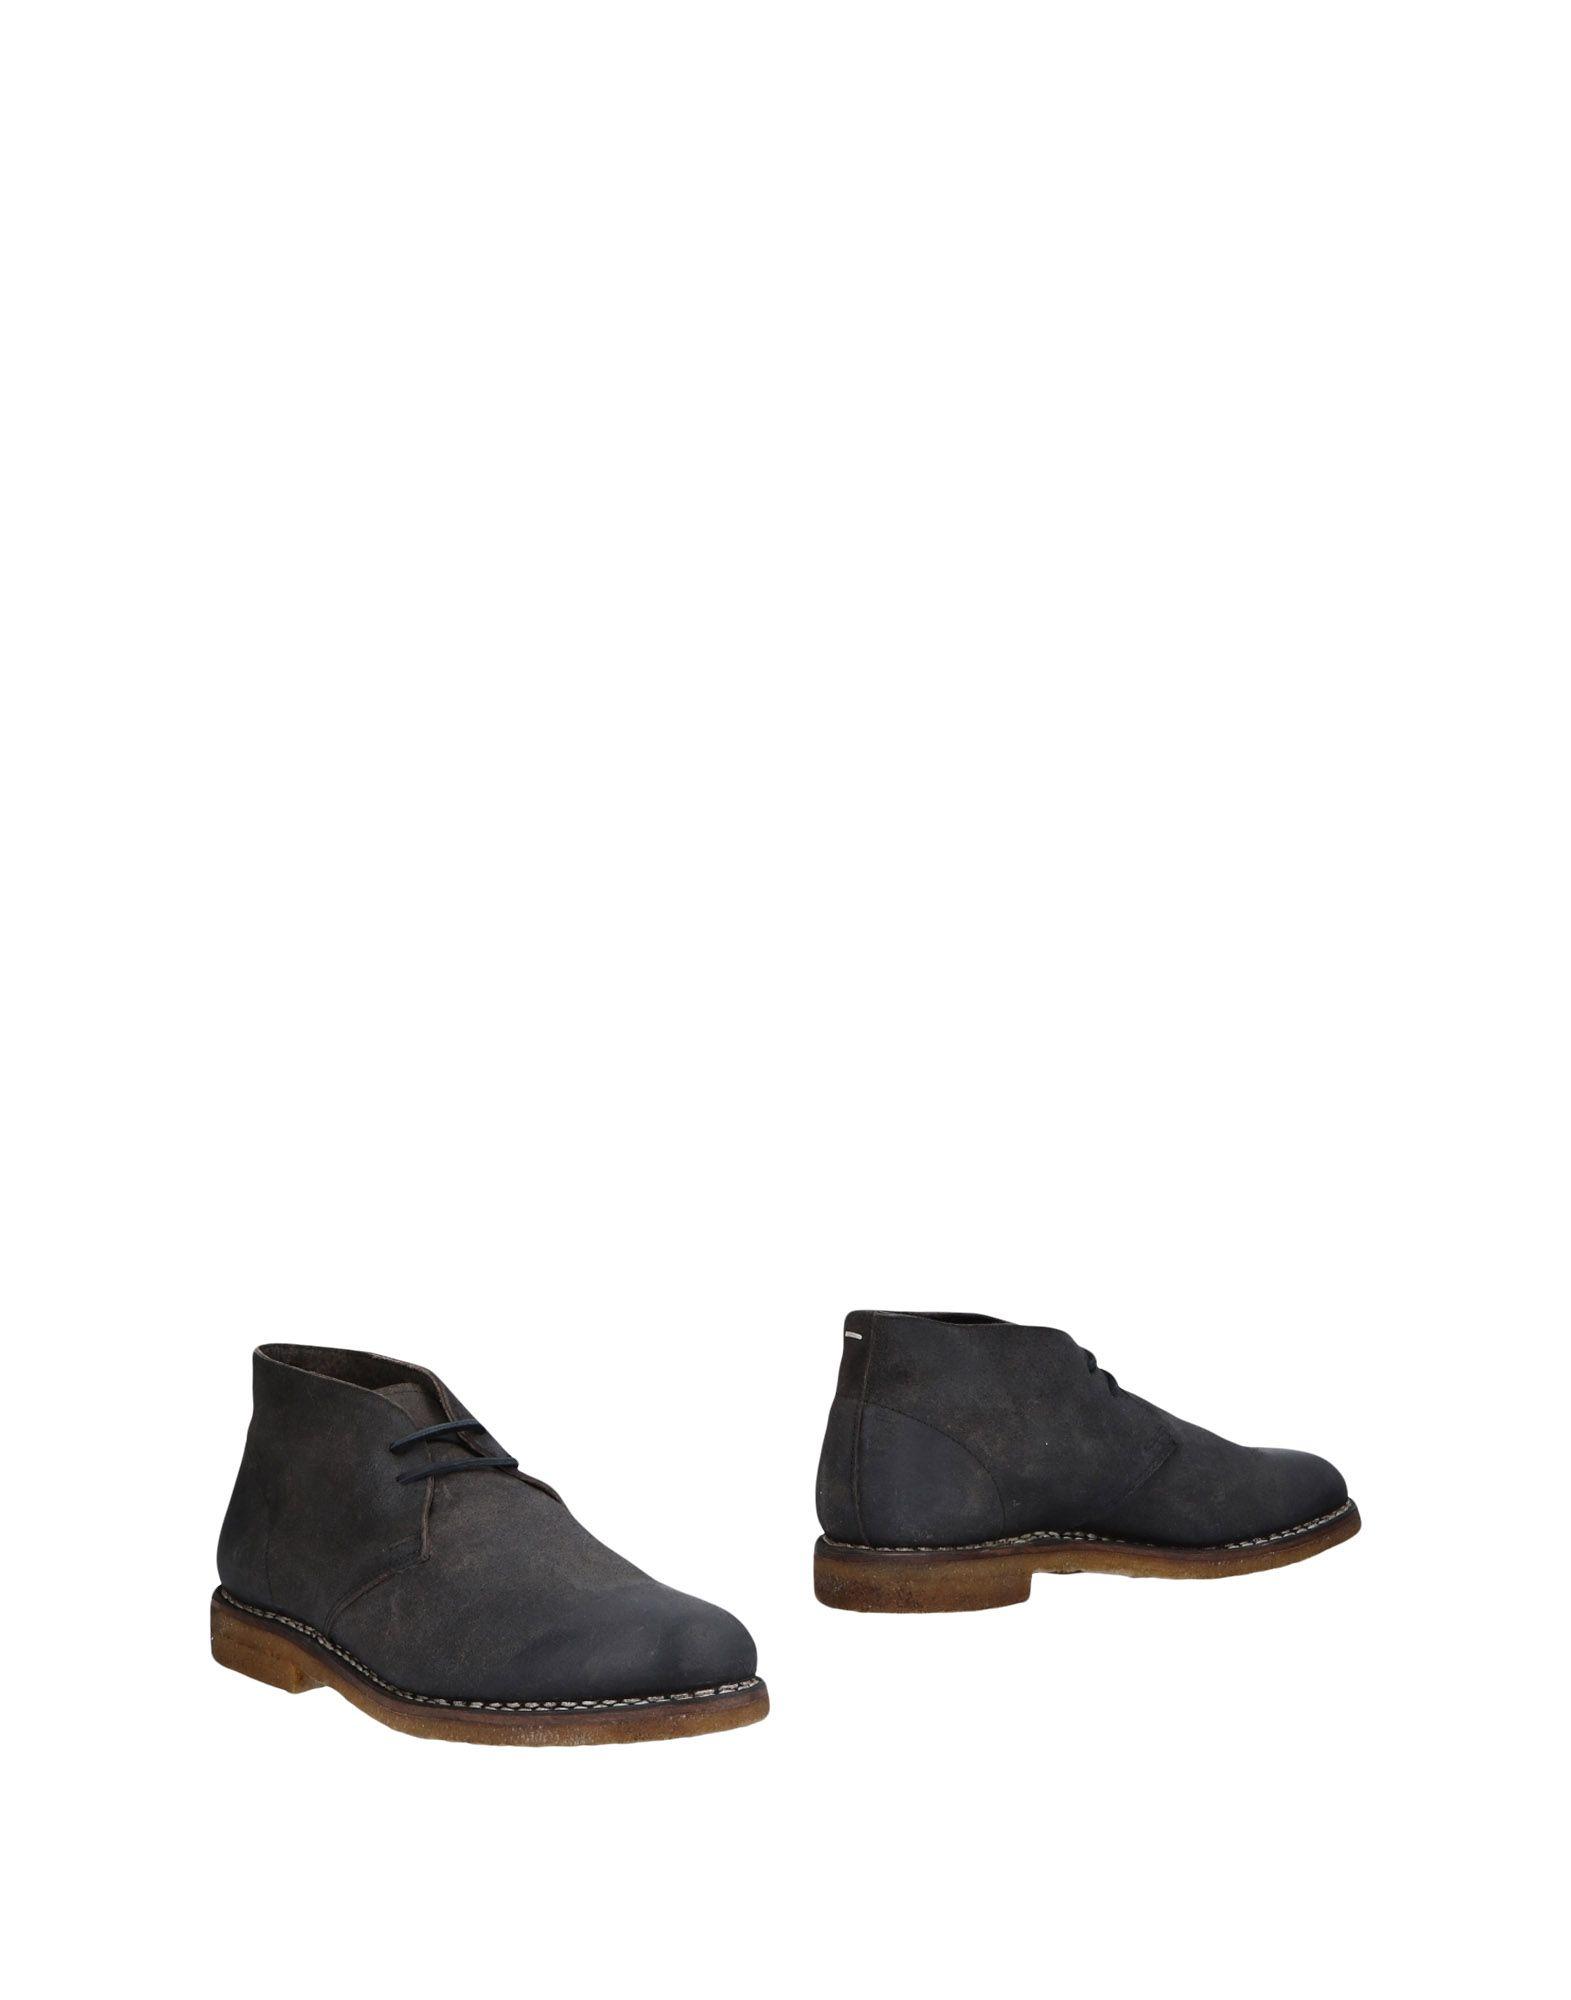 Maison Margiela Stiefelette Herren  11471876HR Gute Qualität beliebte Schuhe